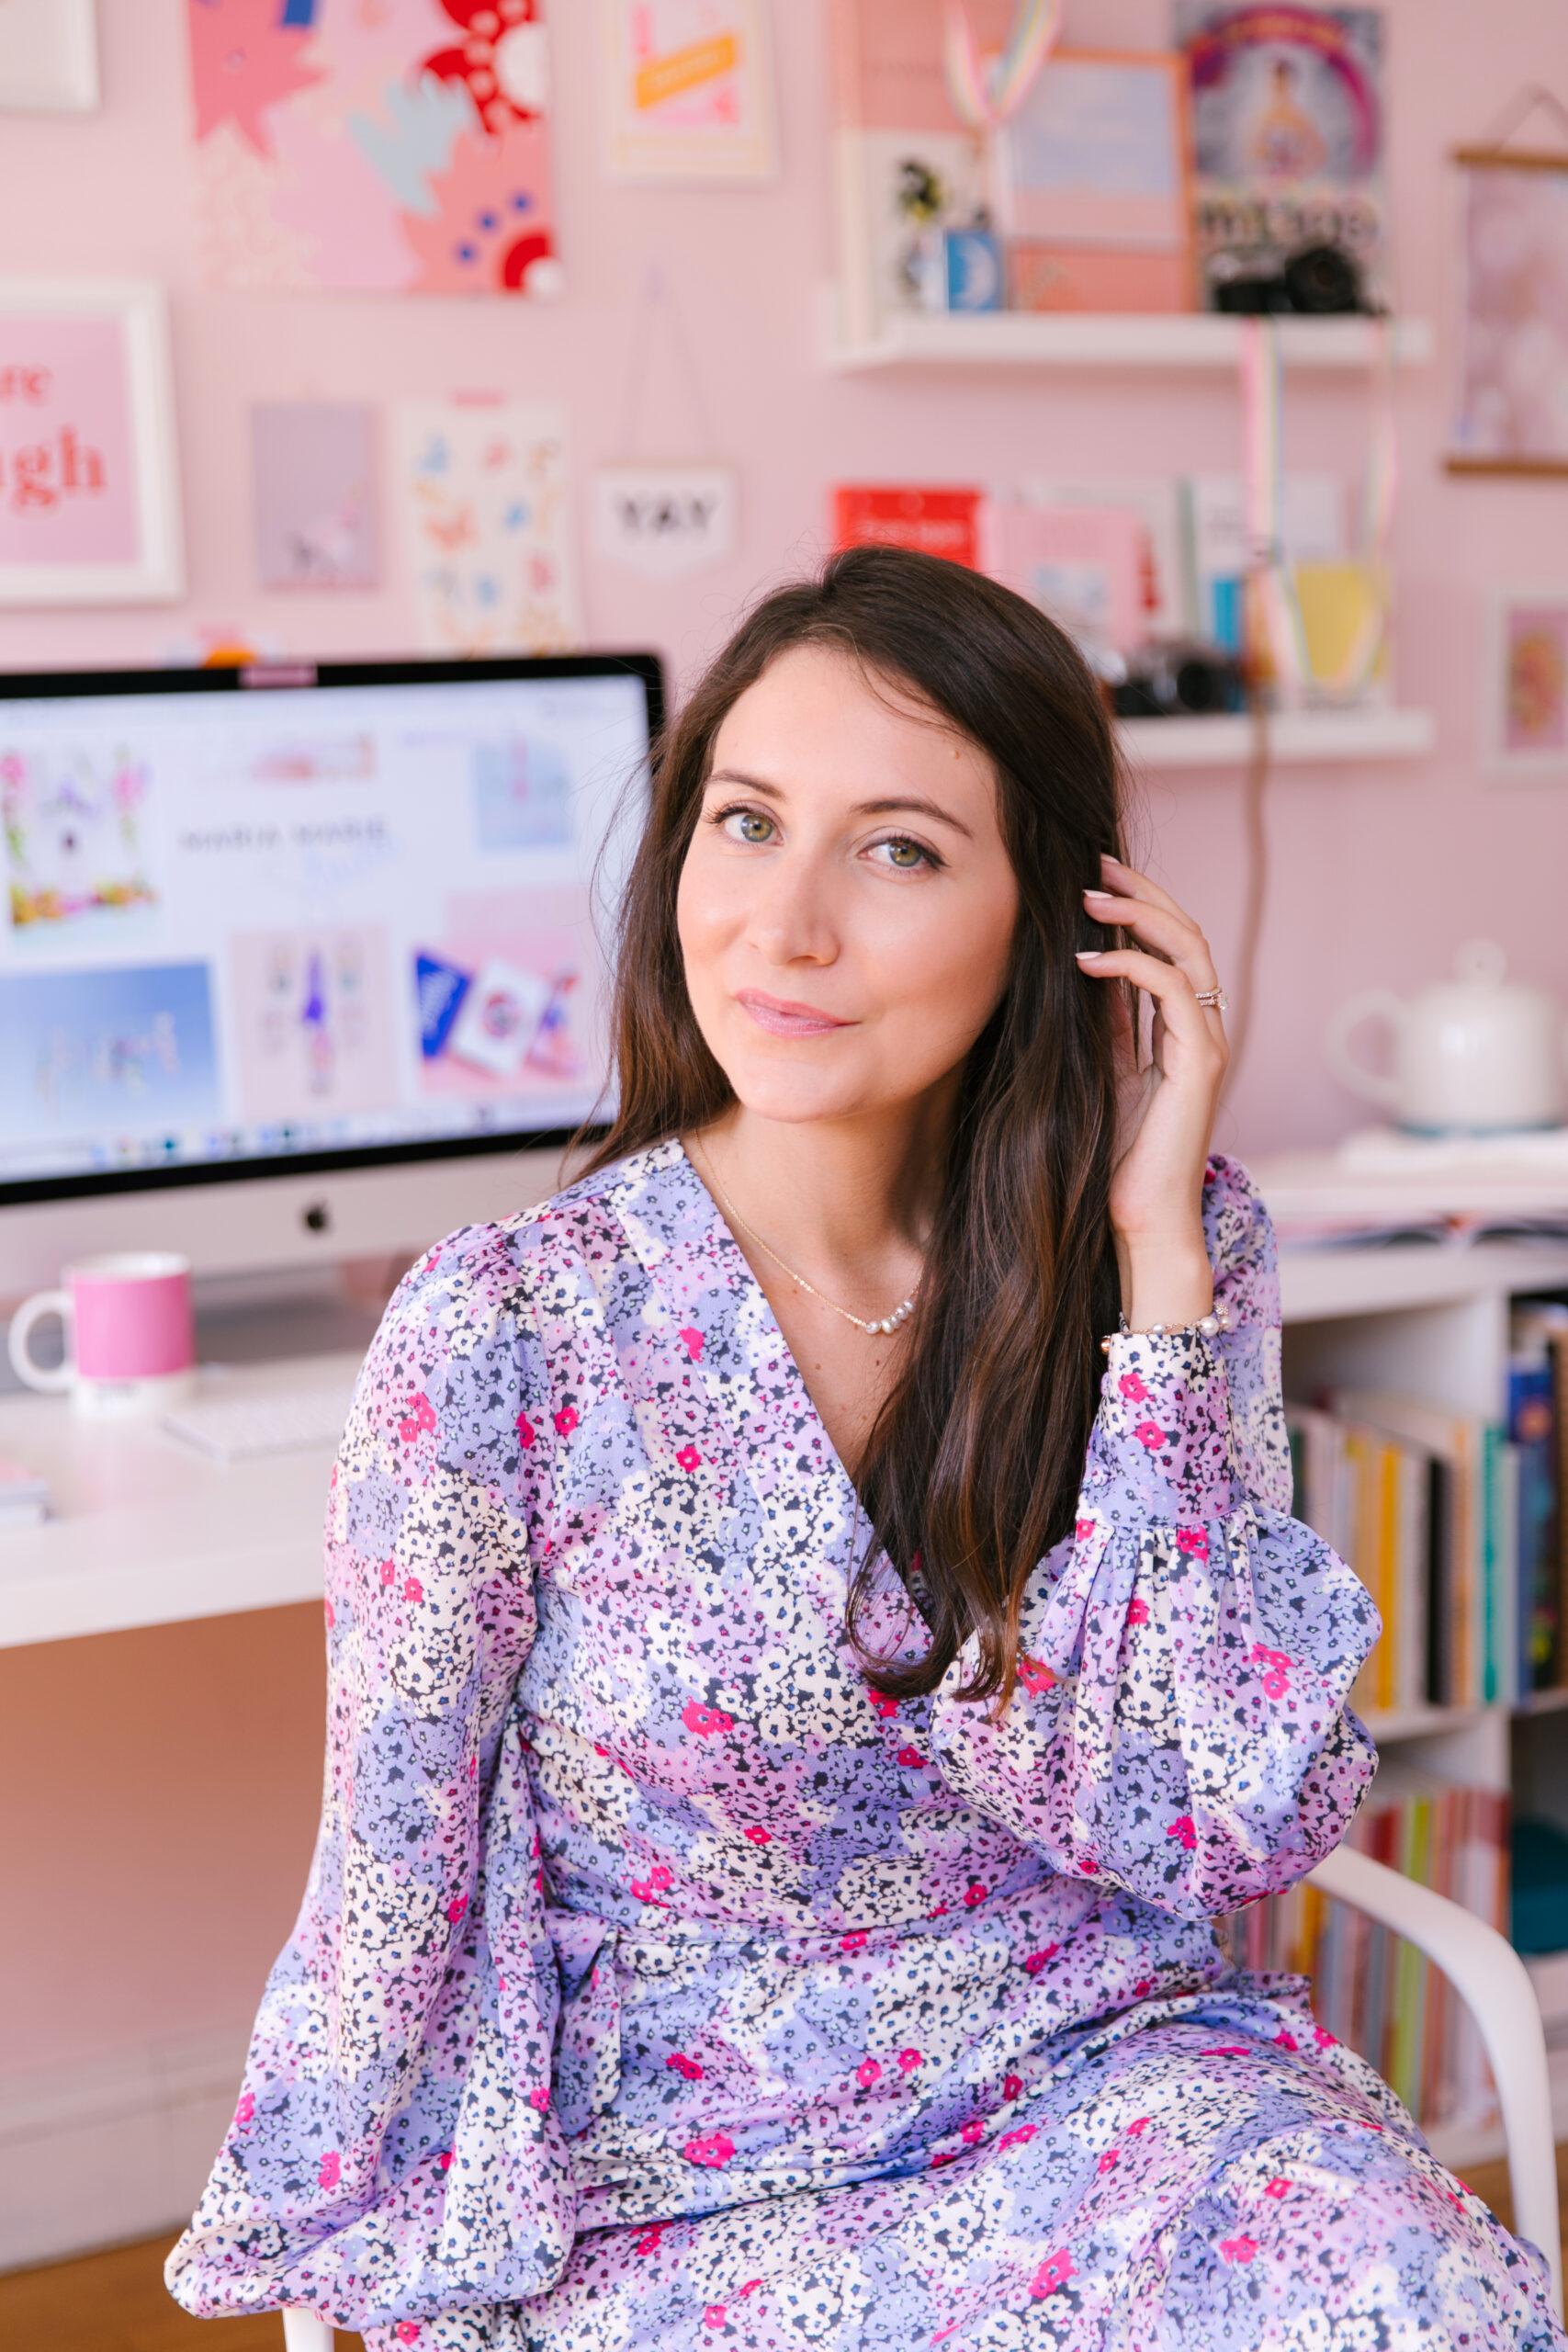 Marioly Vazquez posing in Maria Marie pastel studio